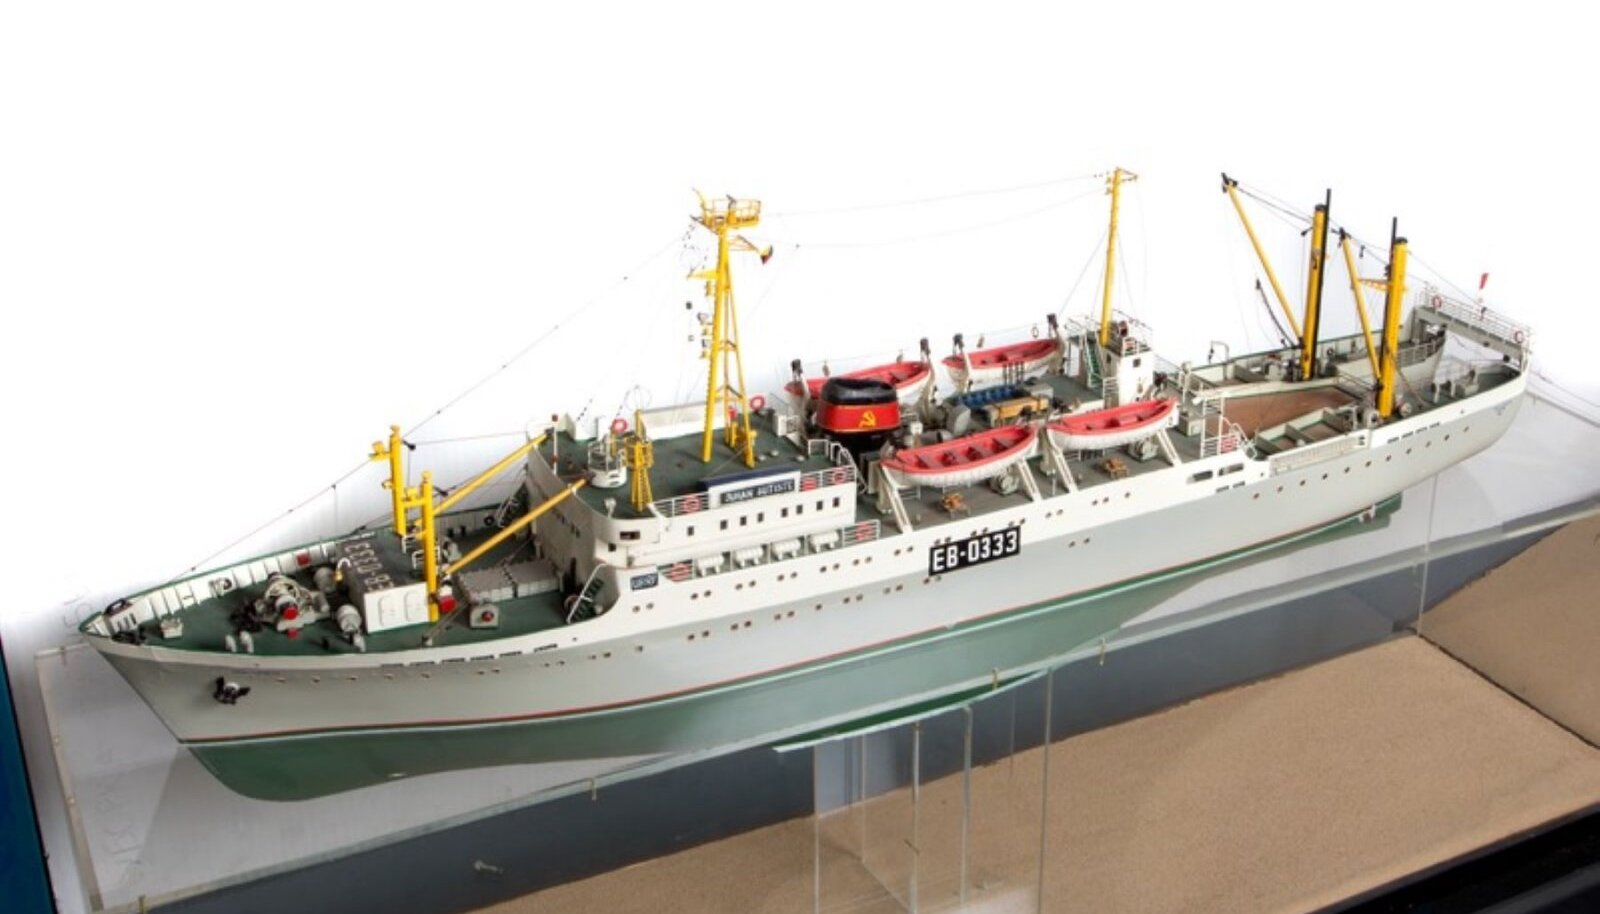 Külmutustraaler Juhan Sütiste mudel valmis 1978 ja selle valmistas mudelimeister Olev Roes. Peaaegu meetri pikkune mudel on üks meremuuseumi mudelikogu suurimaid eksemplare.